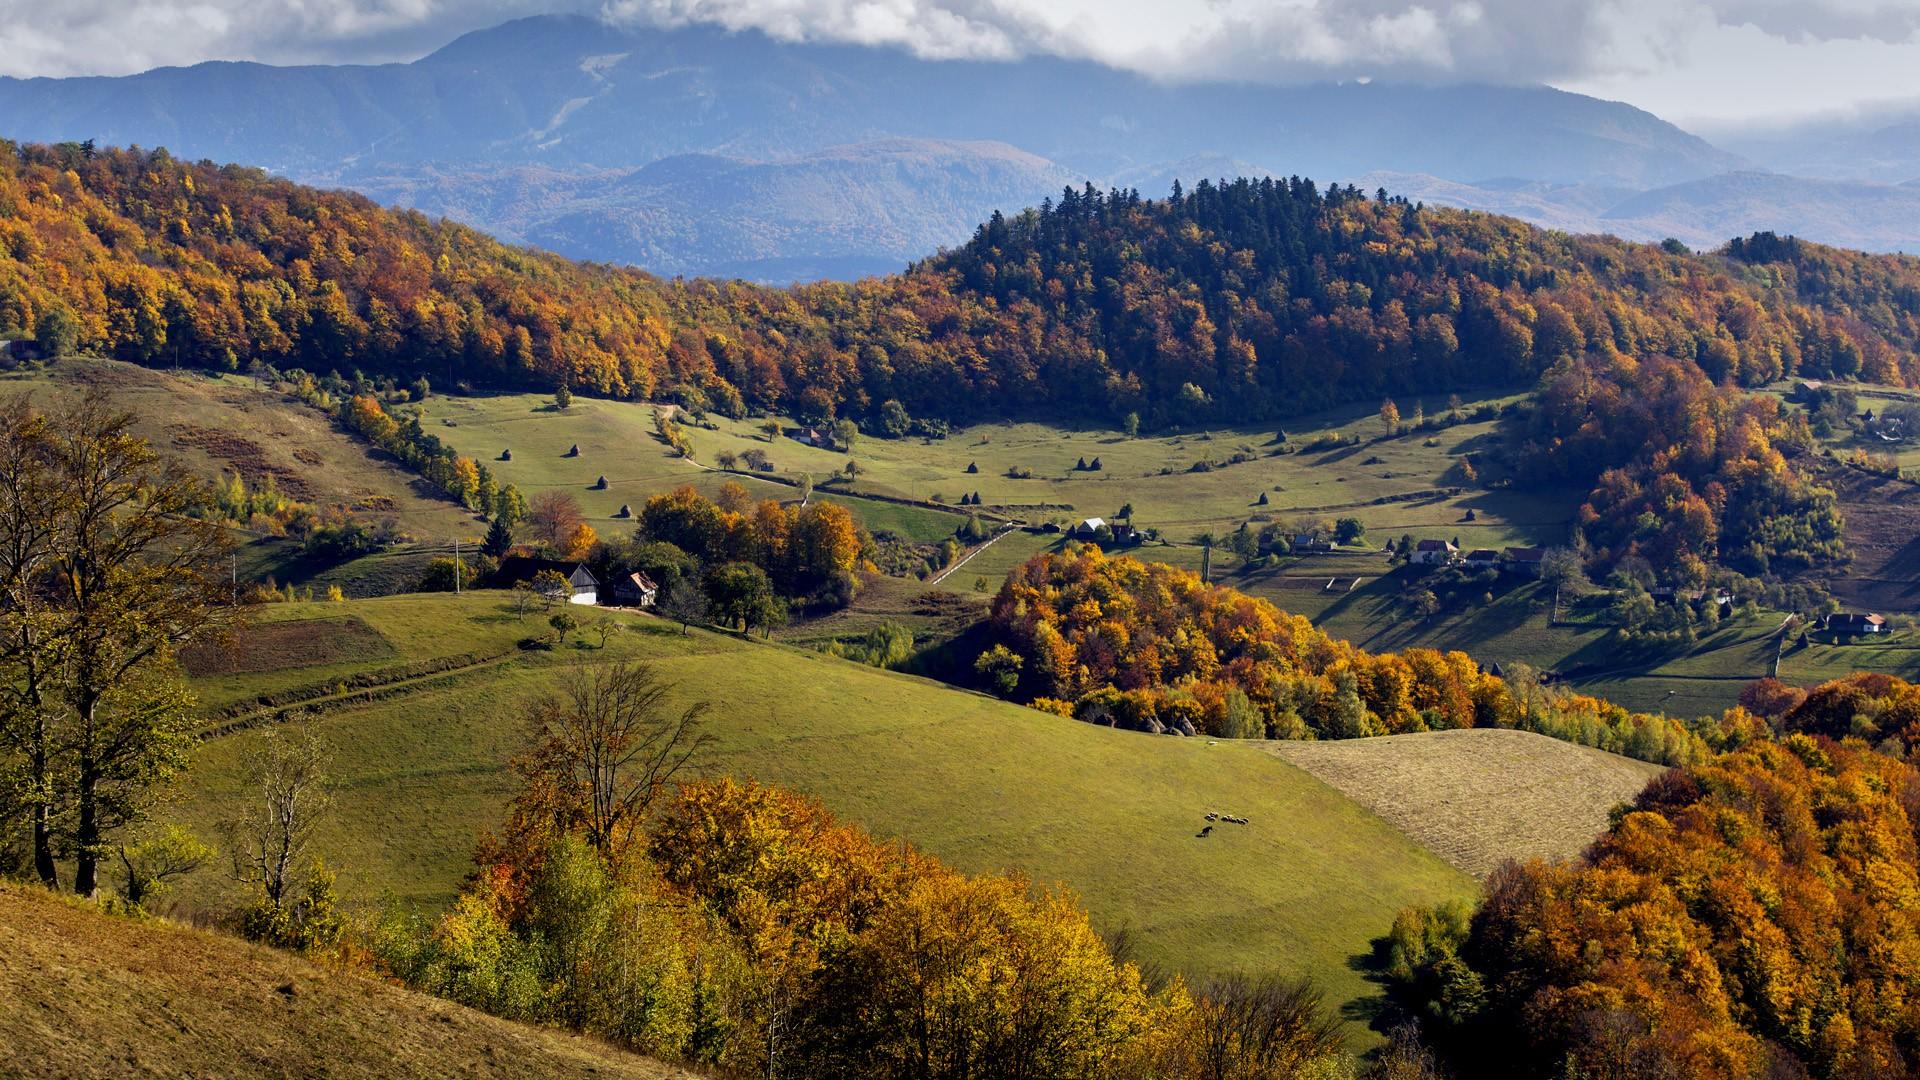 Autumn landscape hills in romania county traditional for Romania landscape